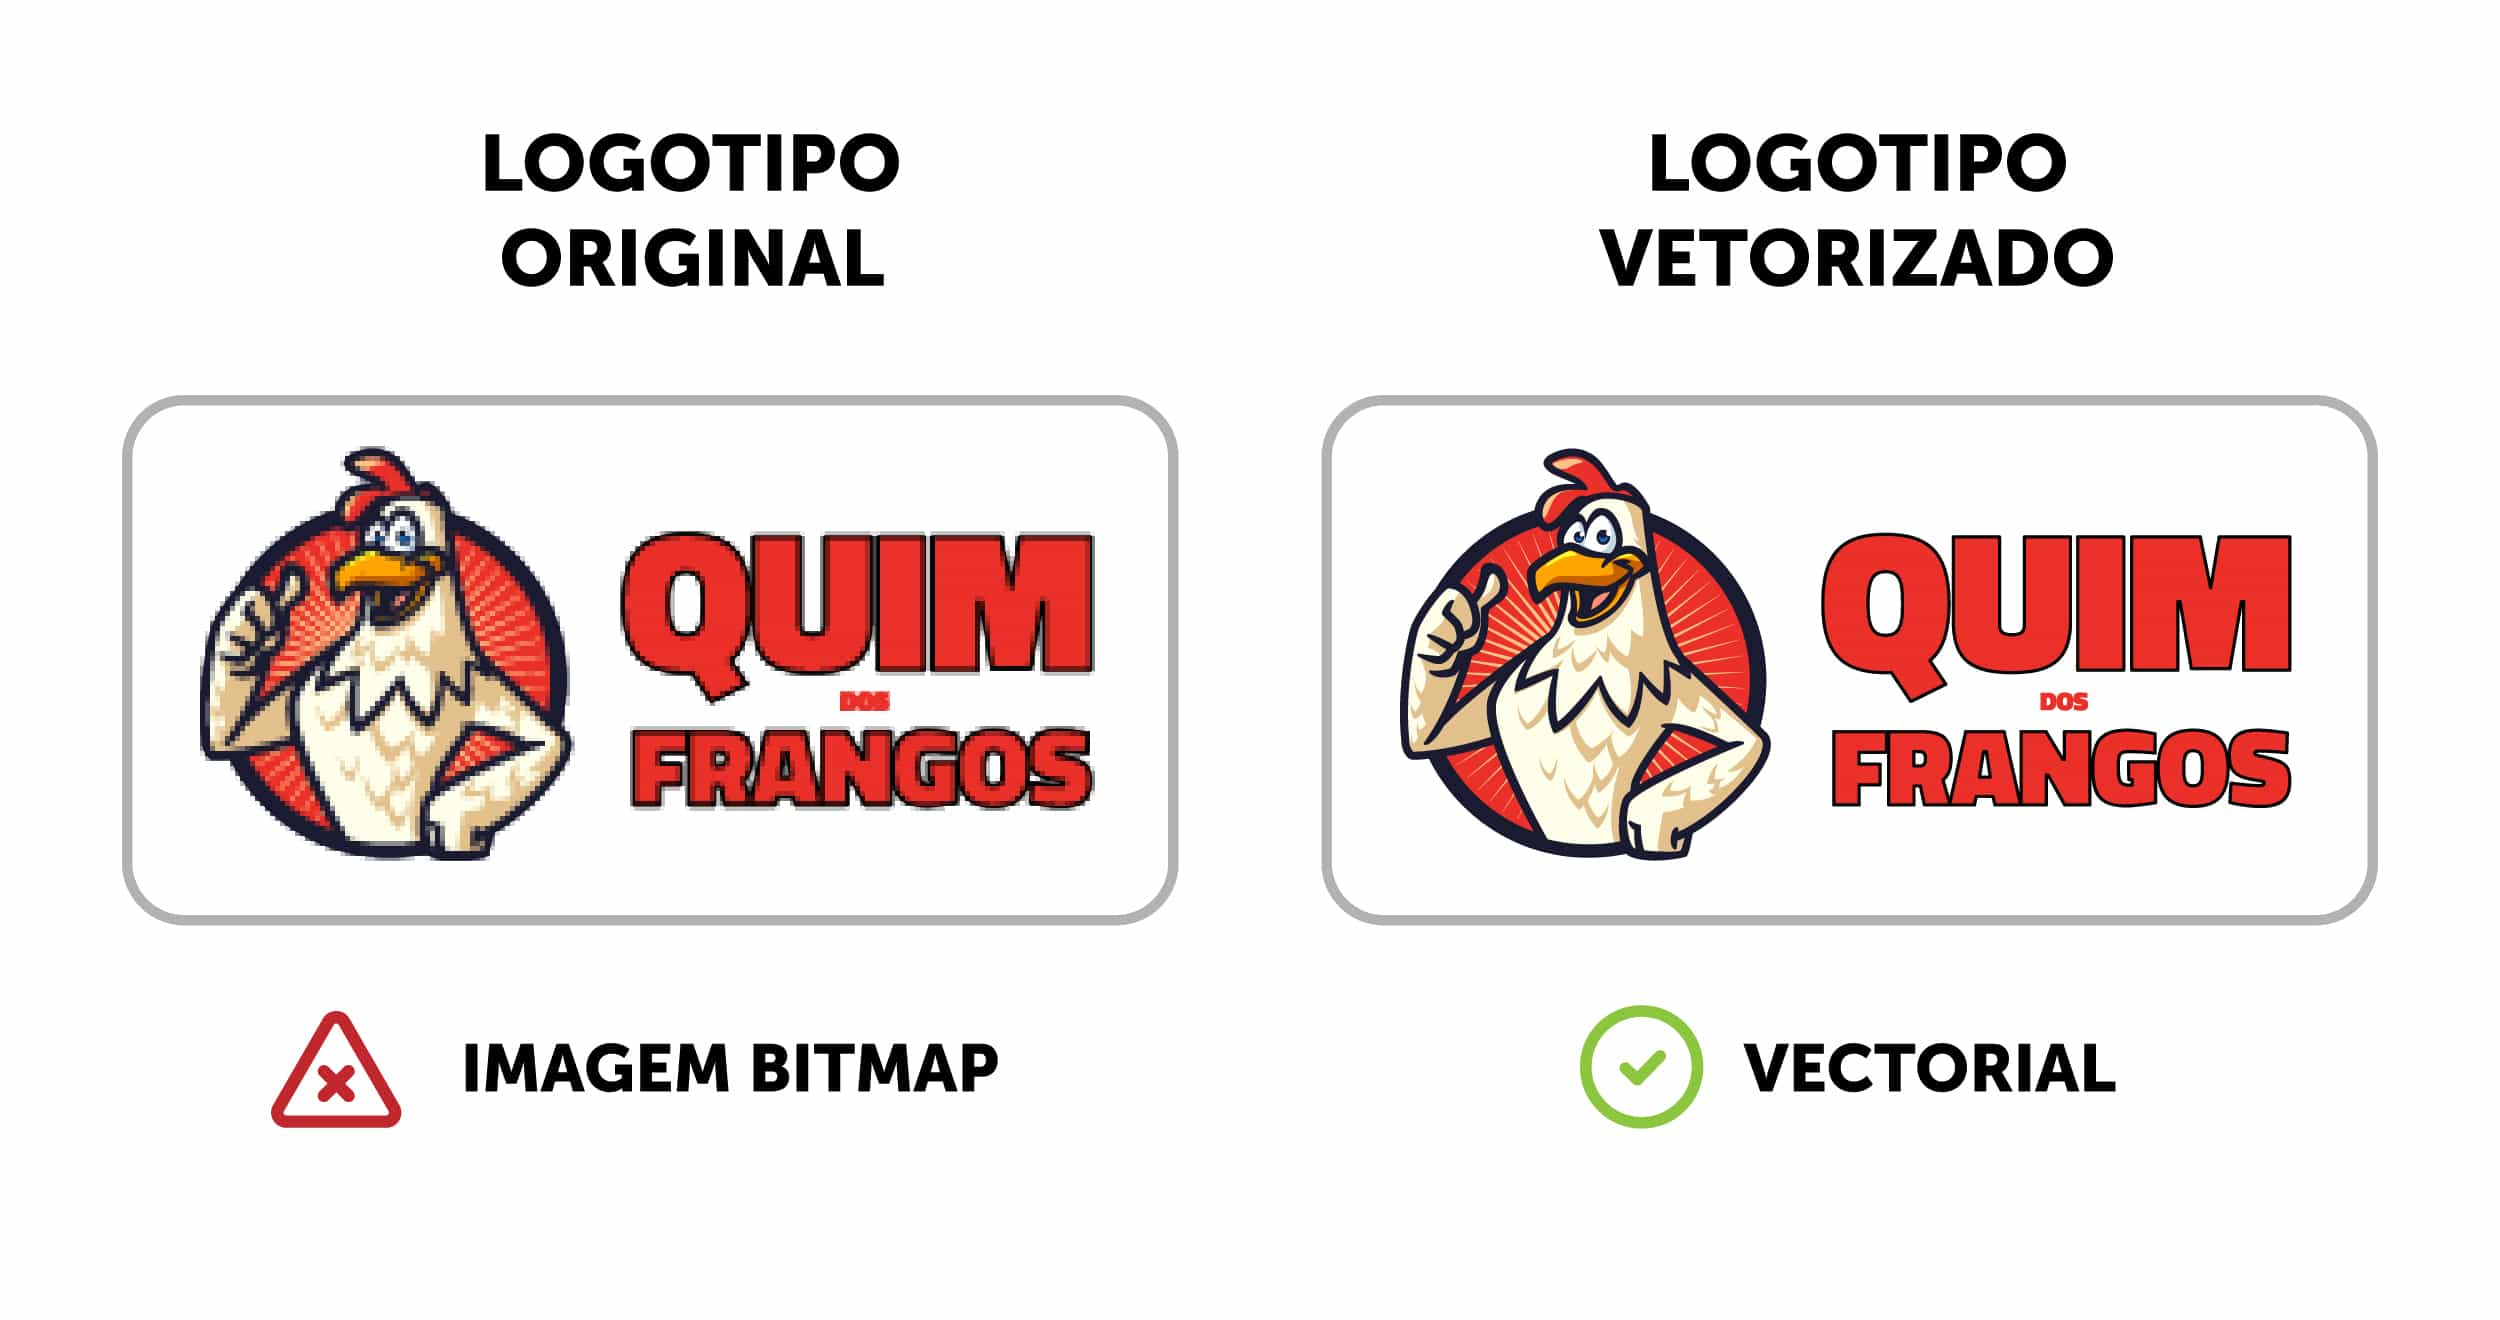 Comparação logotipo original e logotipo vectorizado